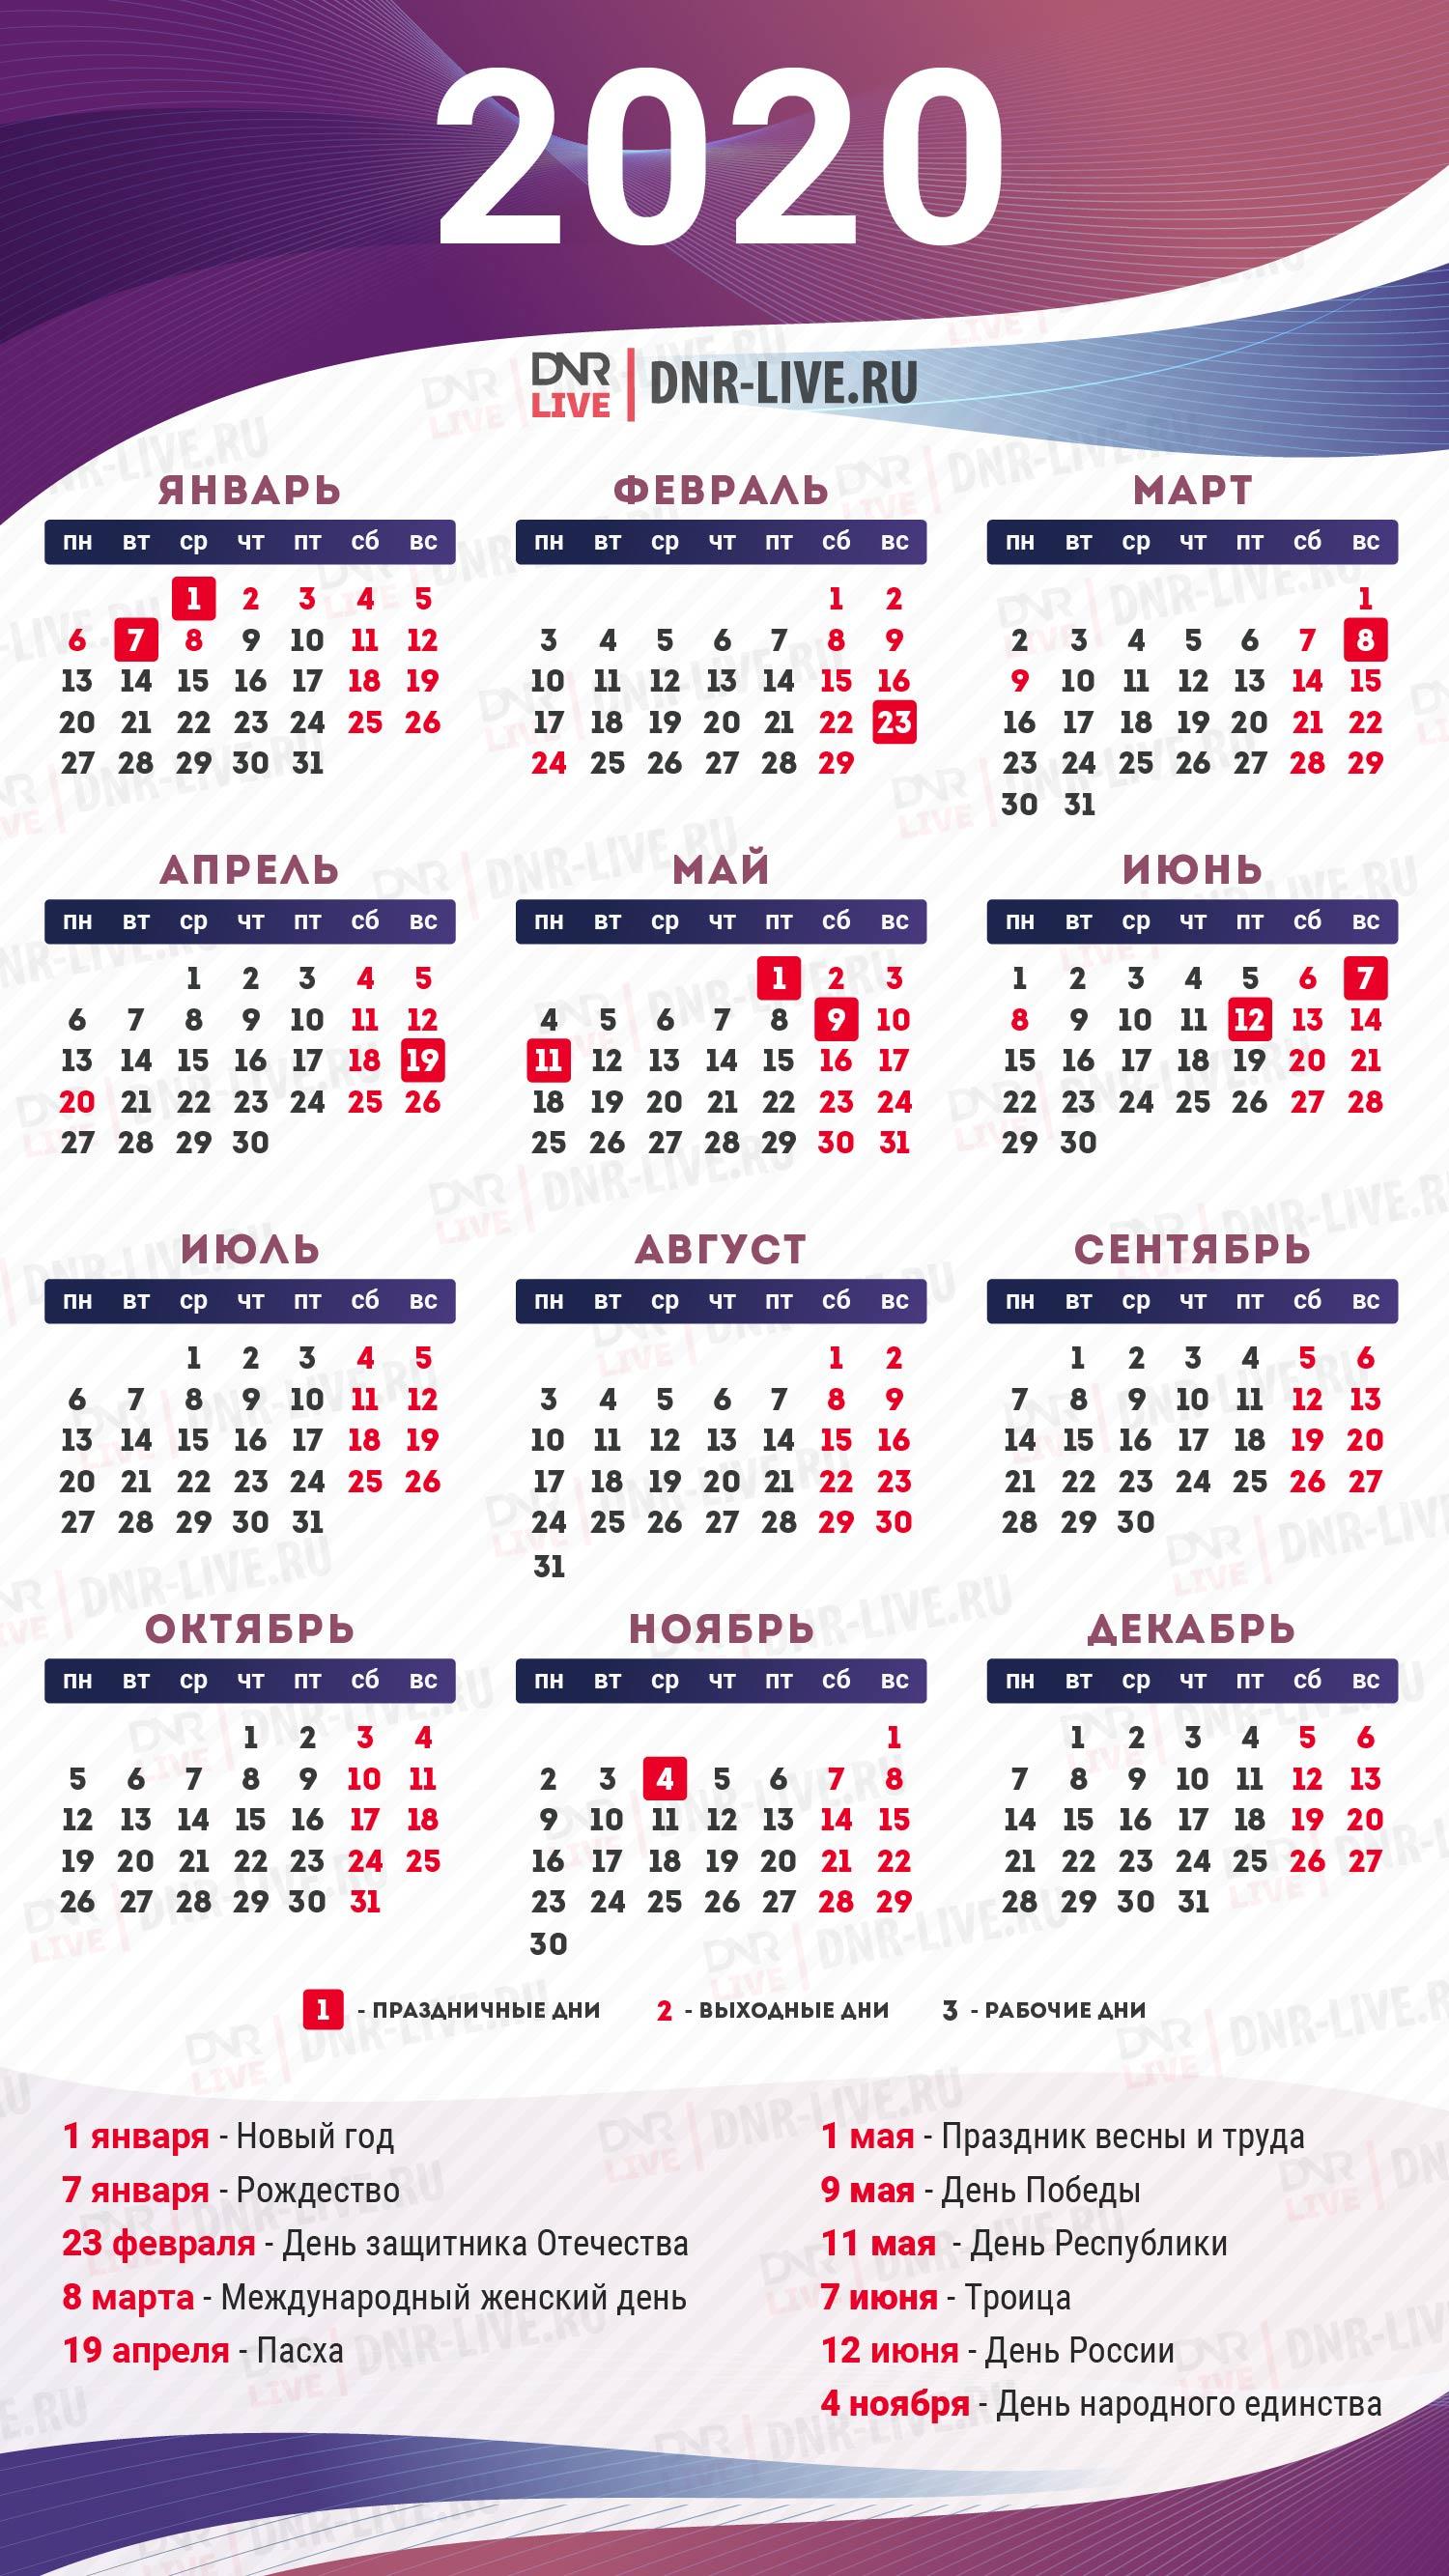 Календарь_2020 днр